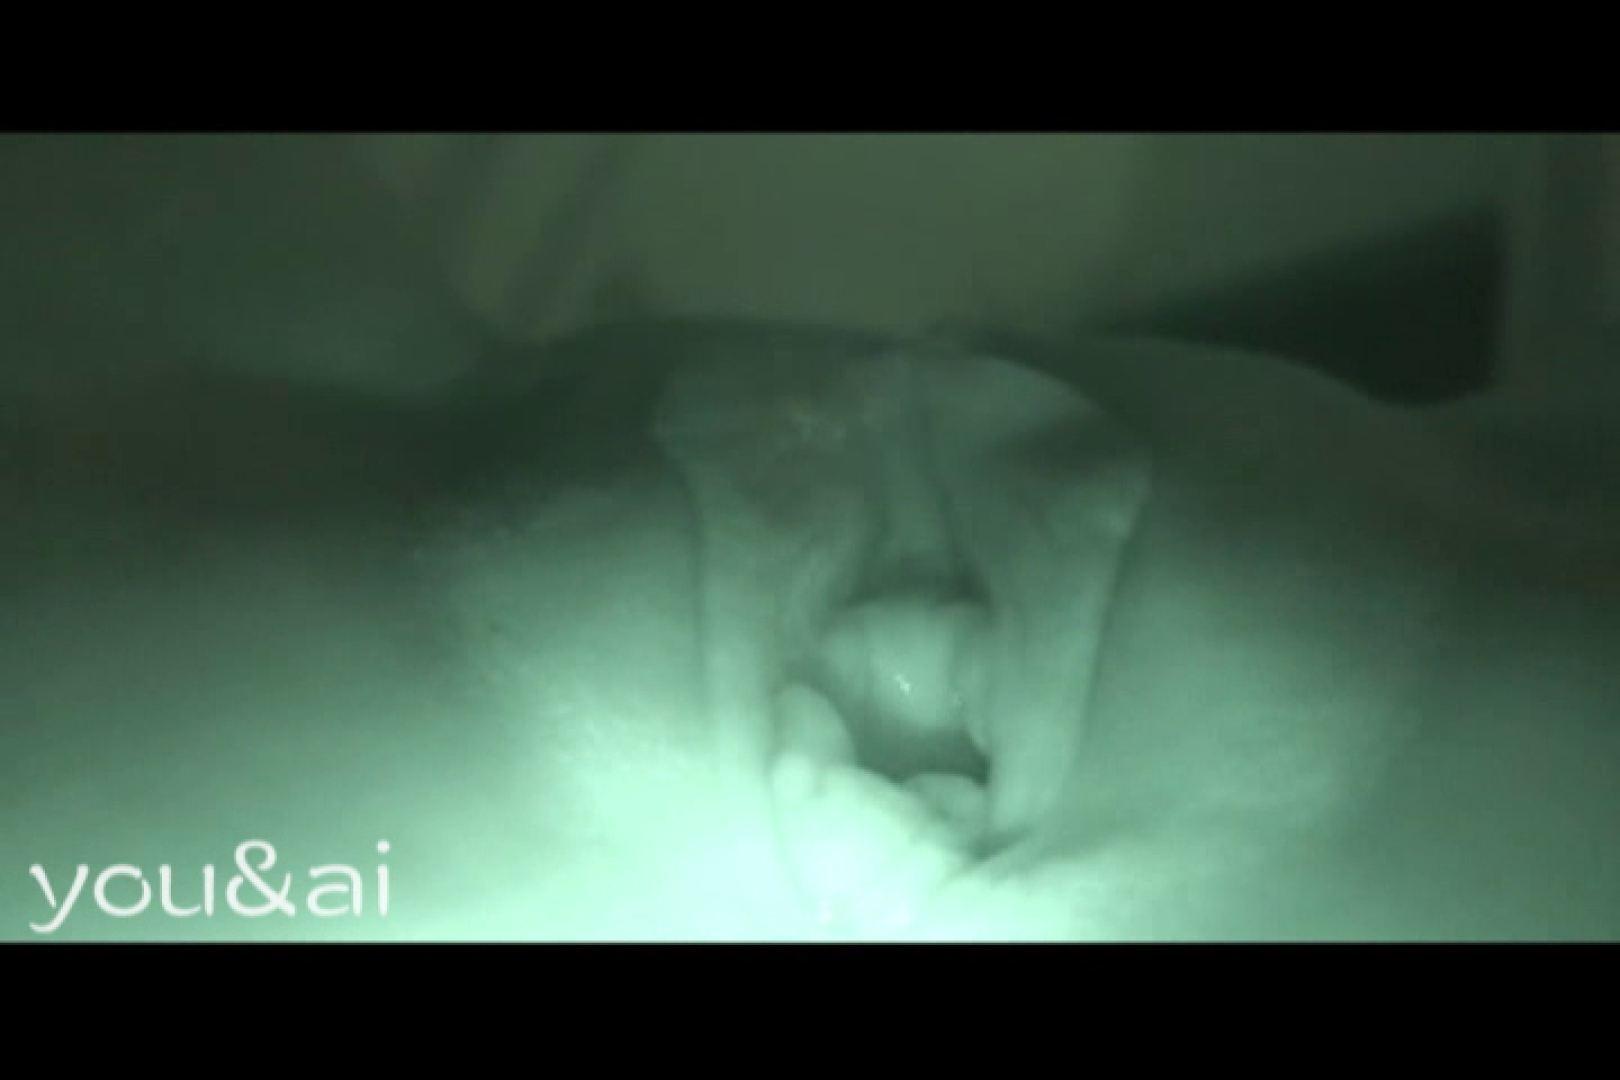 おしどり夫婦のyou&aiさん投稿作品vol.3 投稿  72連発 30